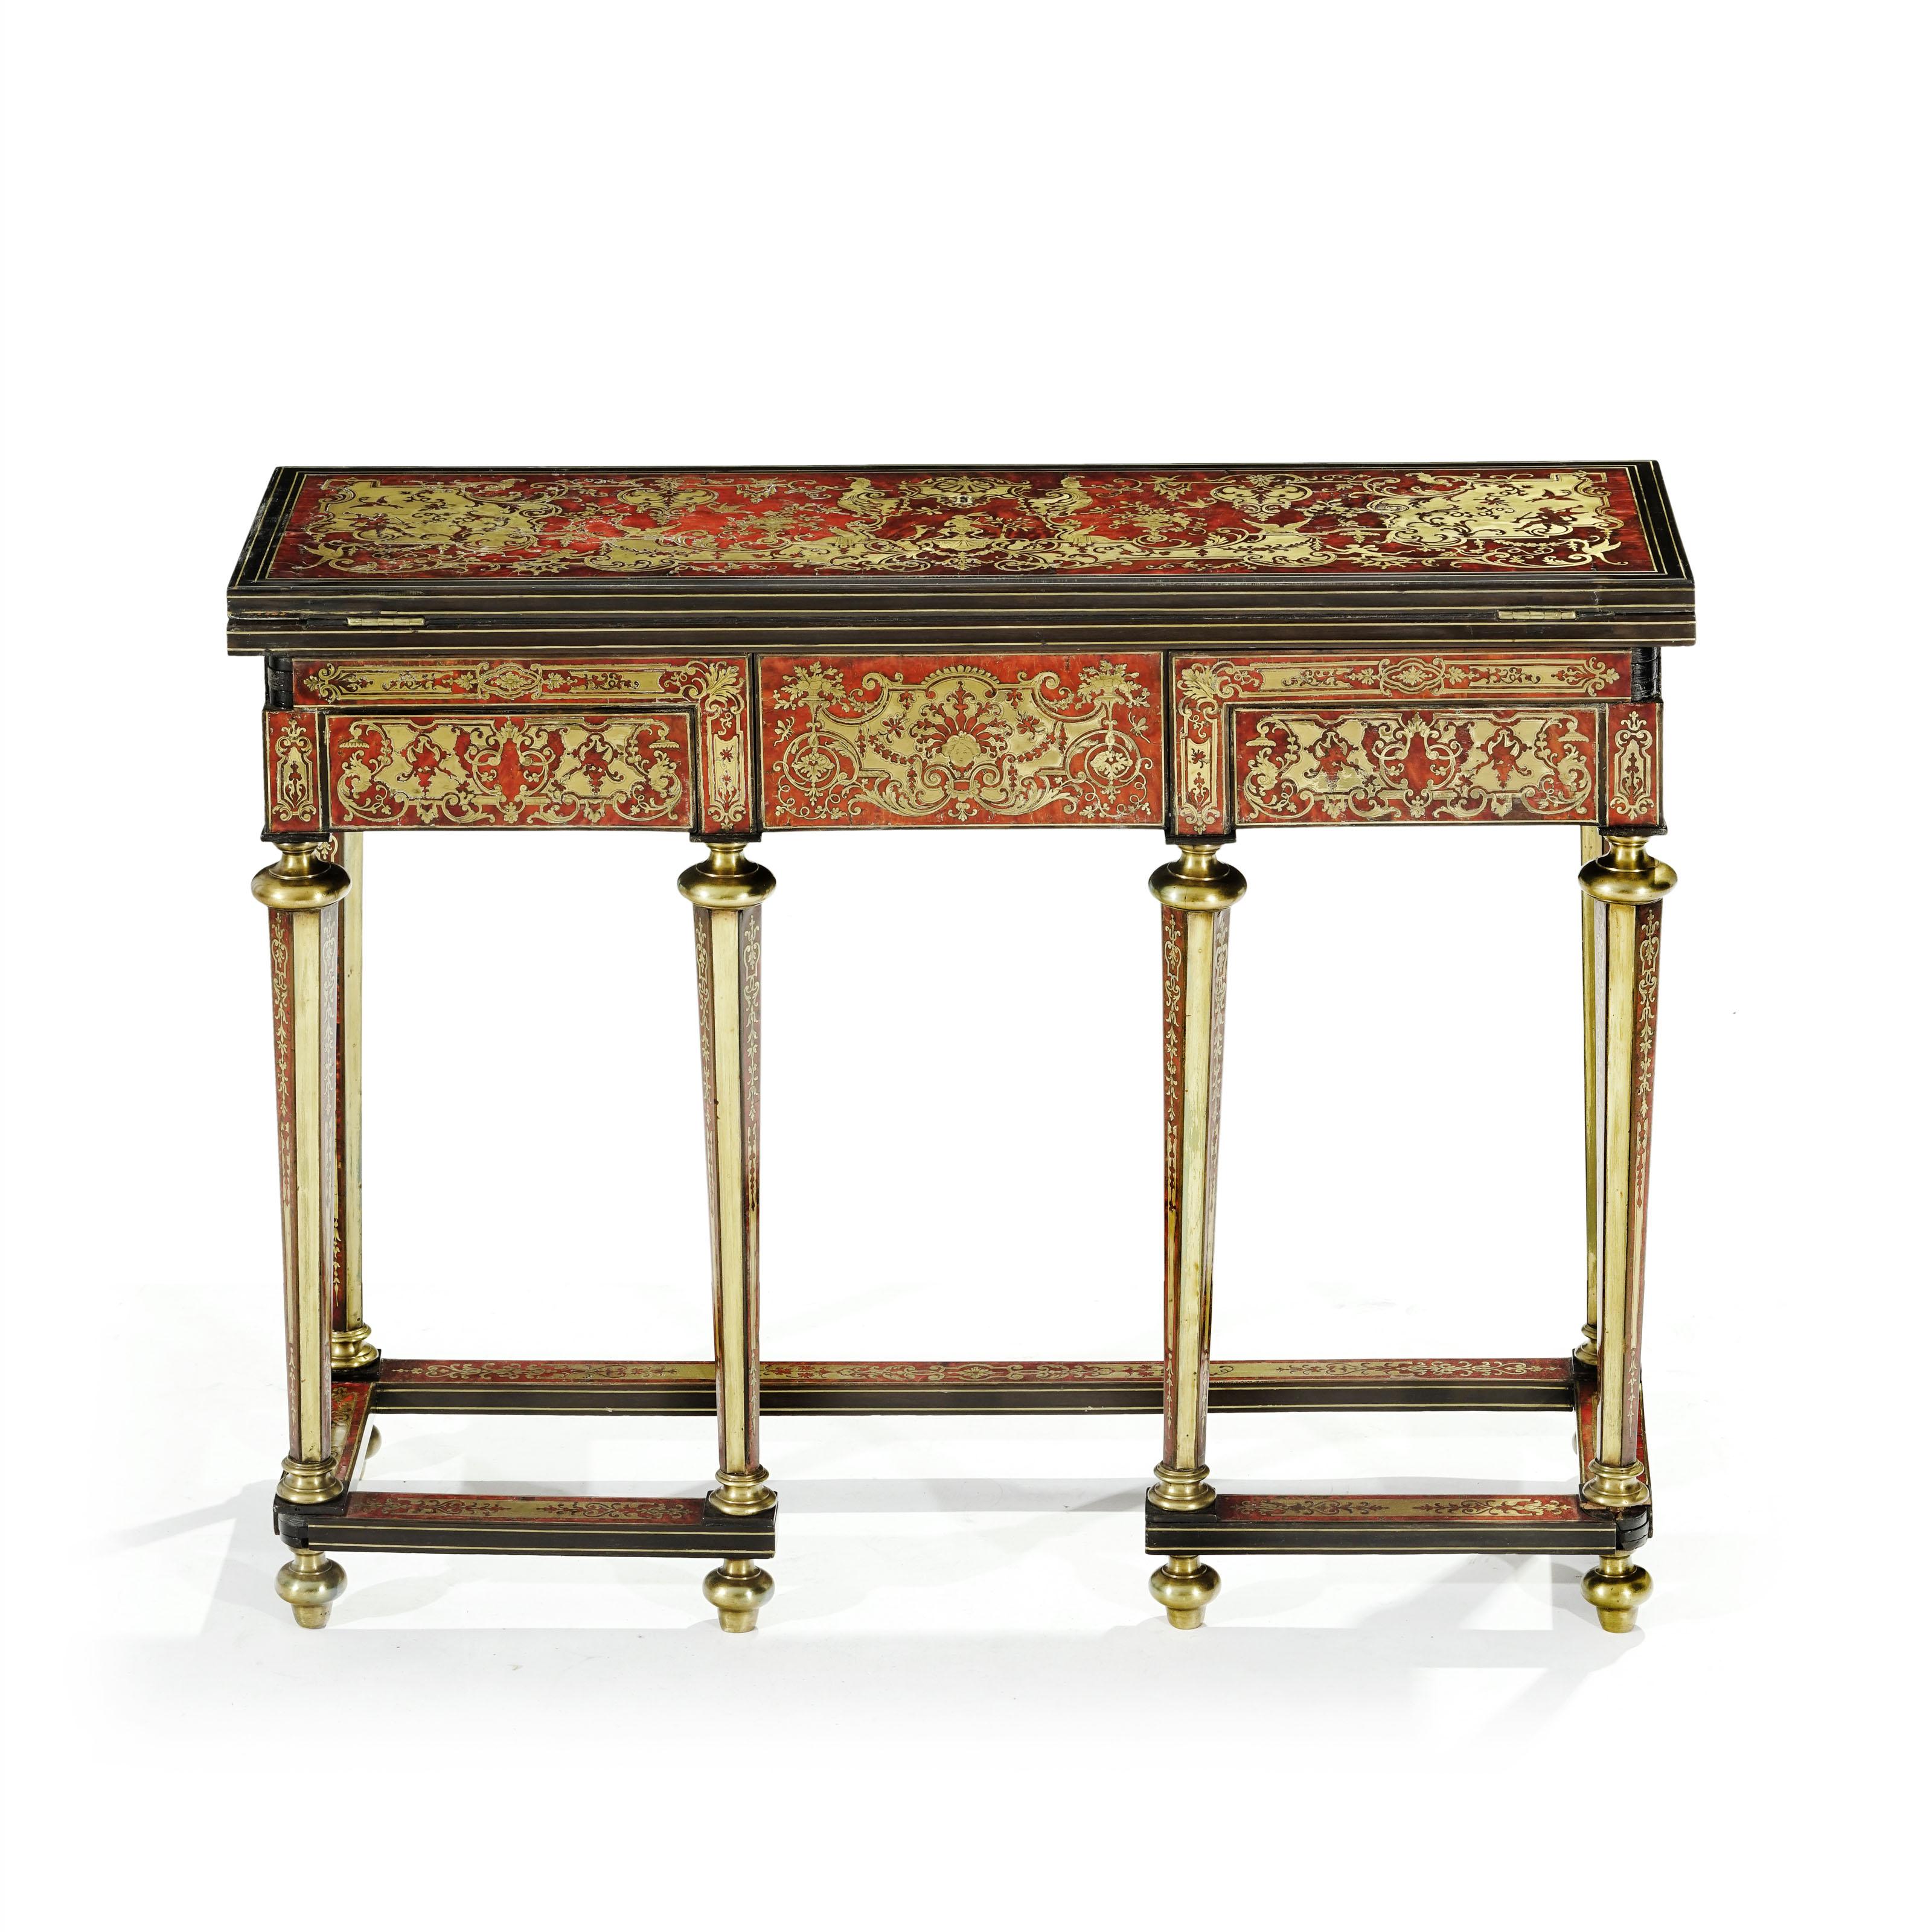 Vente Art Nouveau, Arts de la table, Argenterie, Tapis et Mobilier chez Piguet Hôtel des Ventes : 144 lots